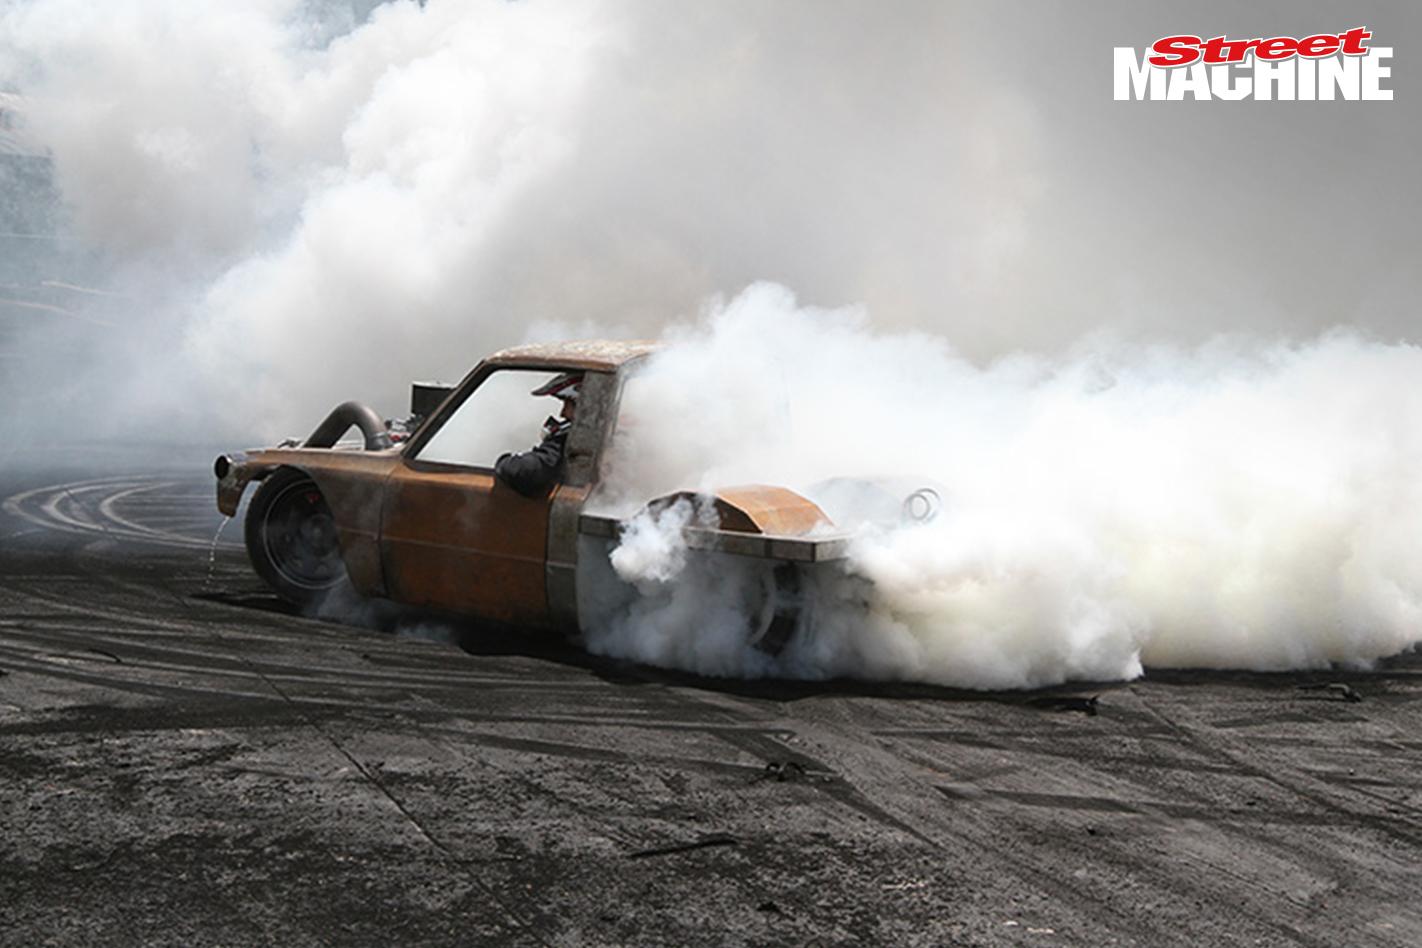 SUSLS1 Mazda Ute Burnout 7 Nw